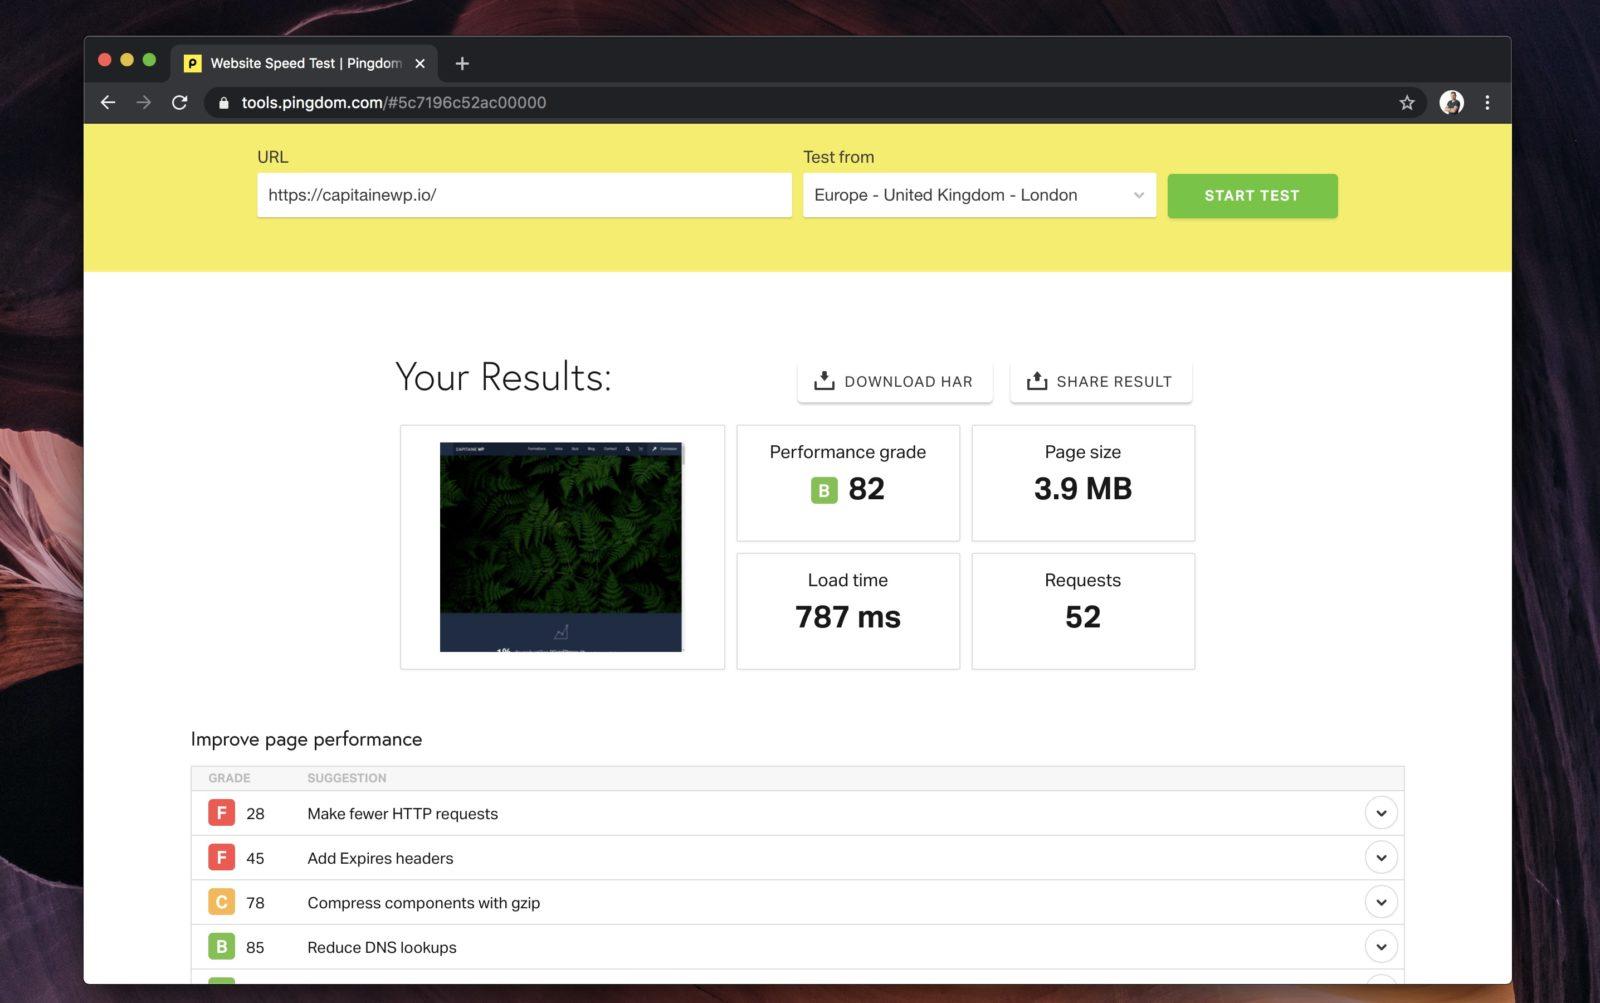 Capture d'écran du panneau de résultats de Pingdom Tools après l'analyse d'un site